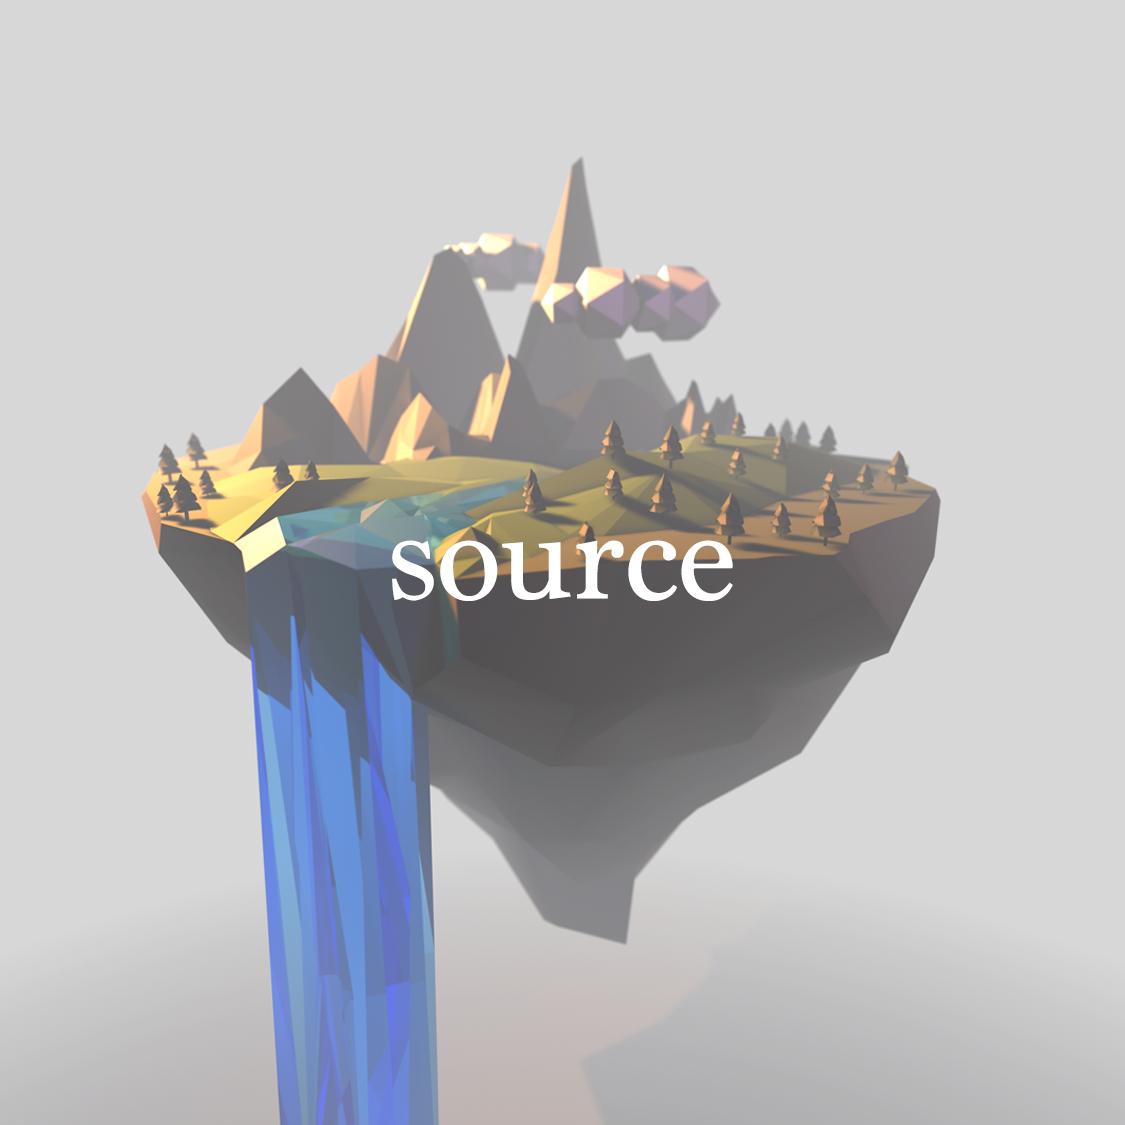 source2.jpg